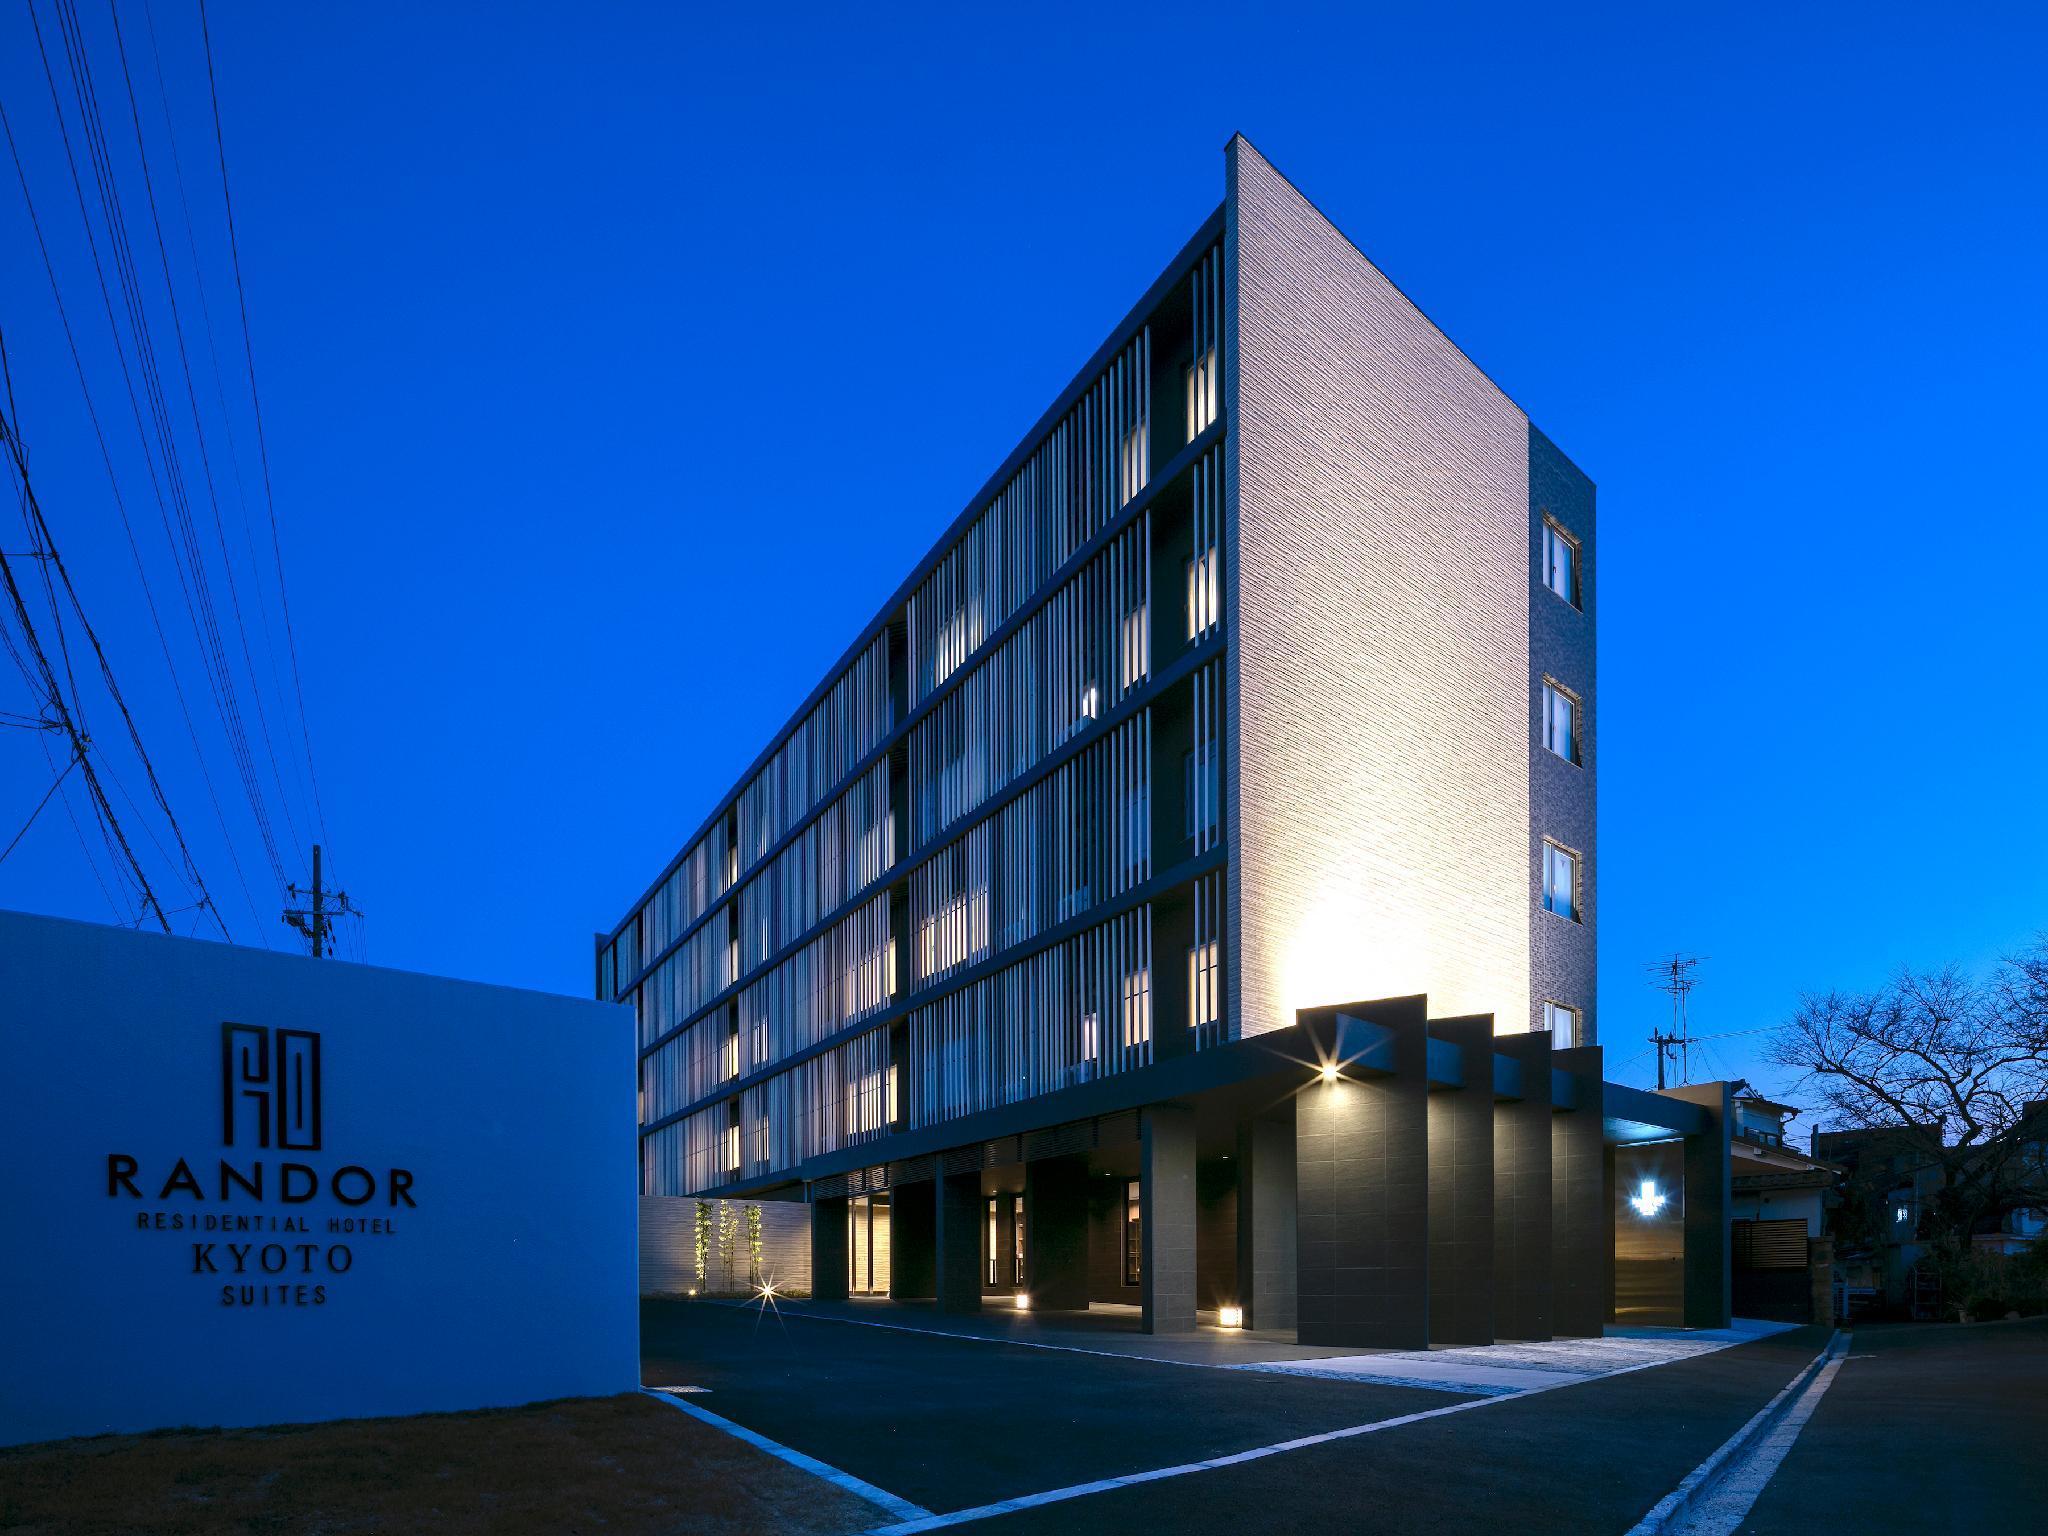 Randor Residential Hotel Kyoto Suites